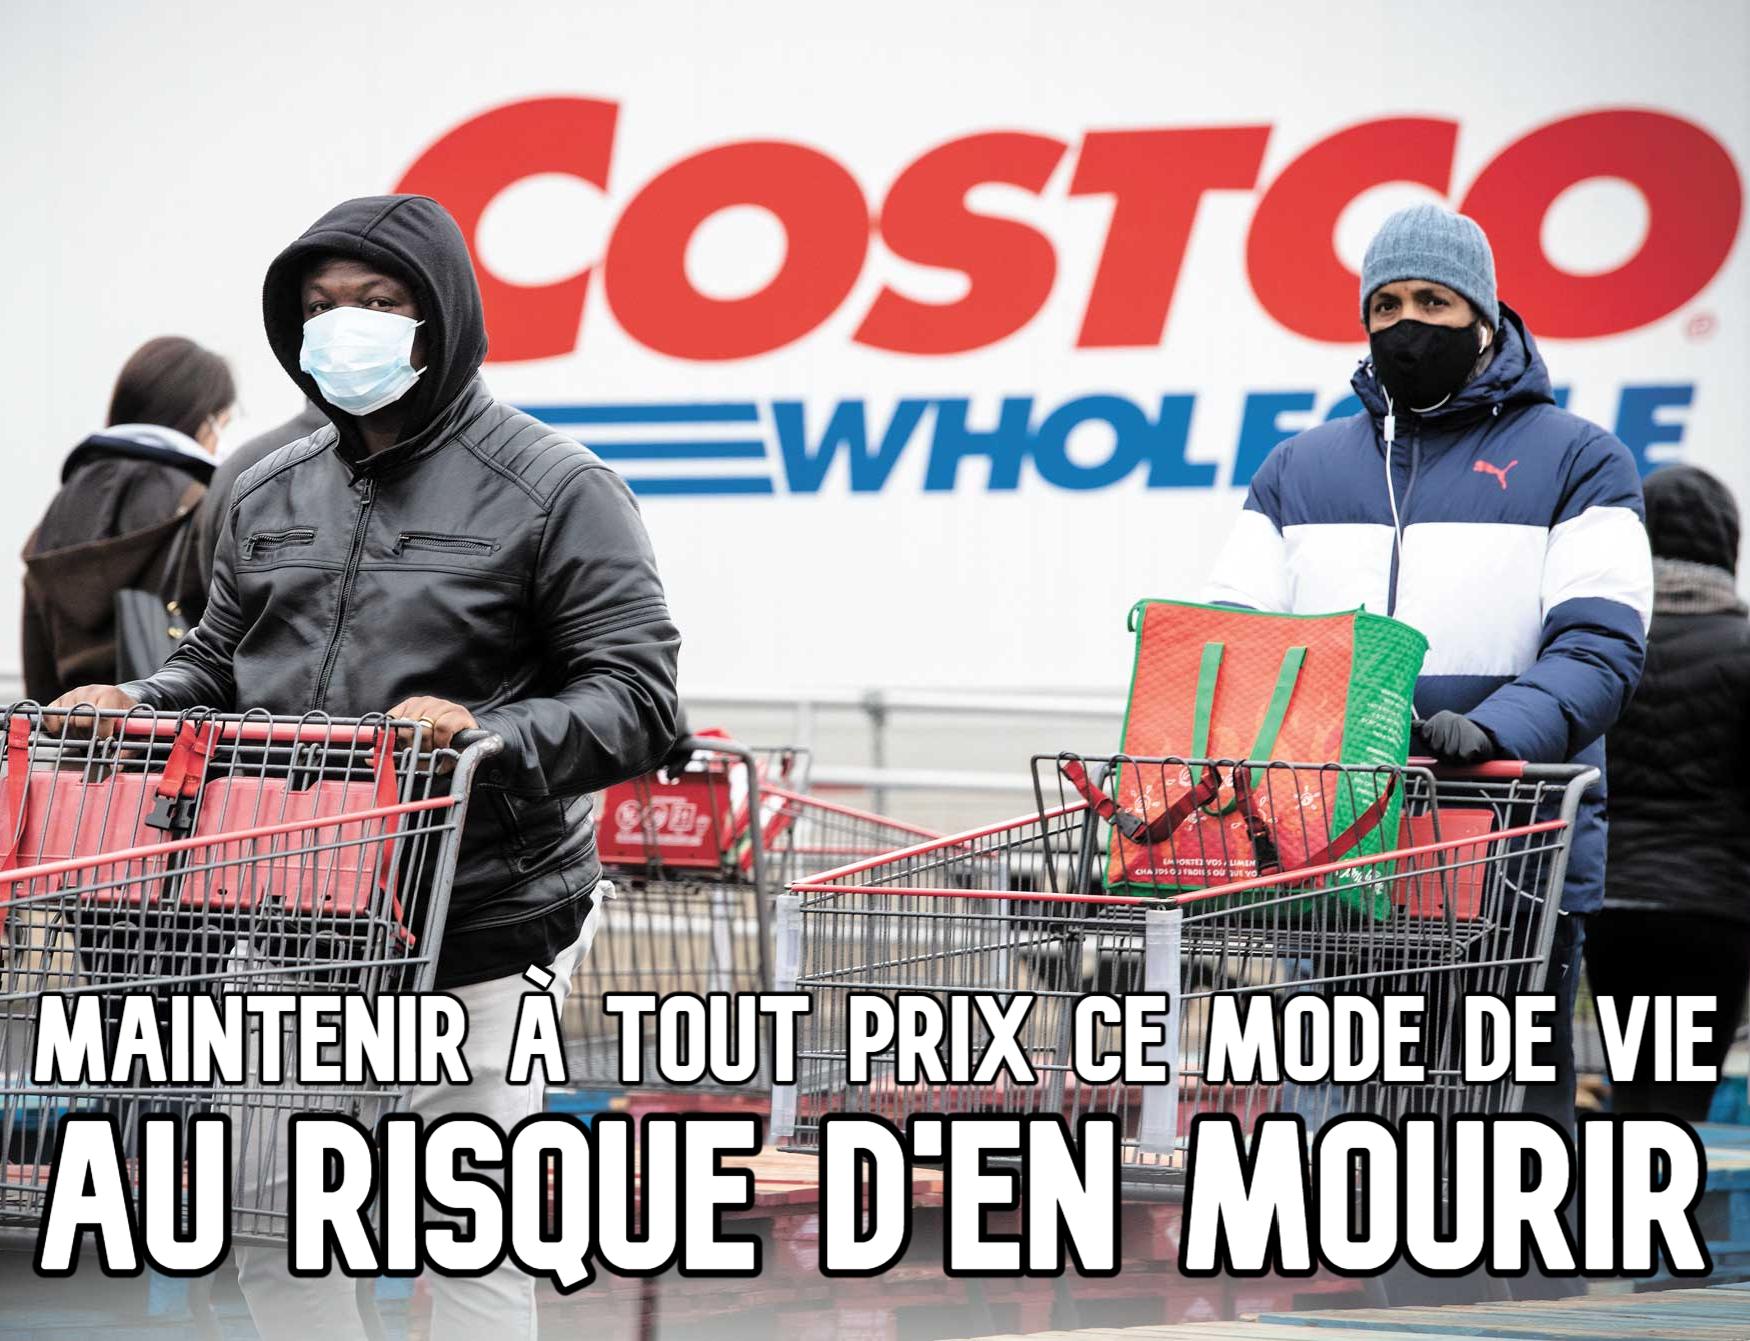 Deux clients portant le masque au Costco. Commentaire: Maintenir à tout prix ce mode de vie au risque d'en mourir.